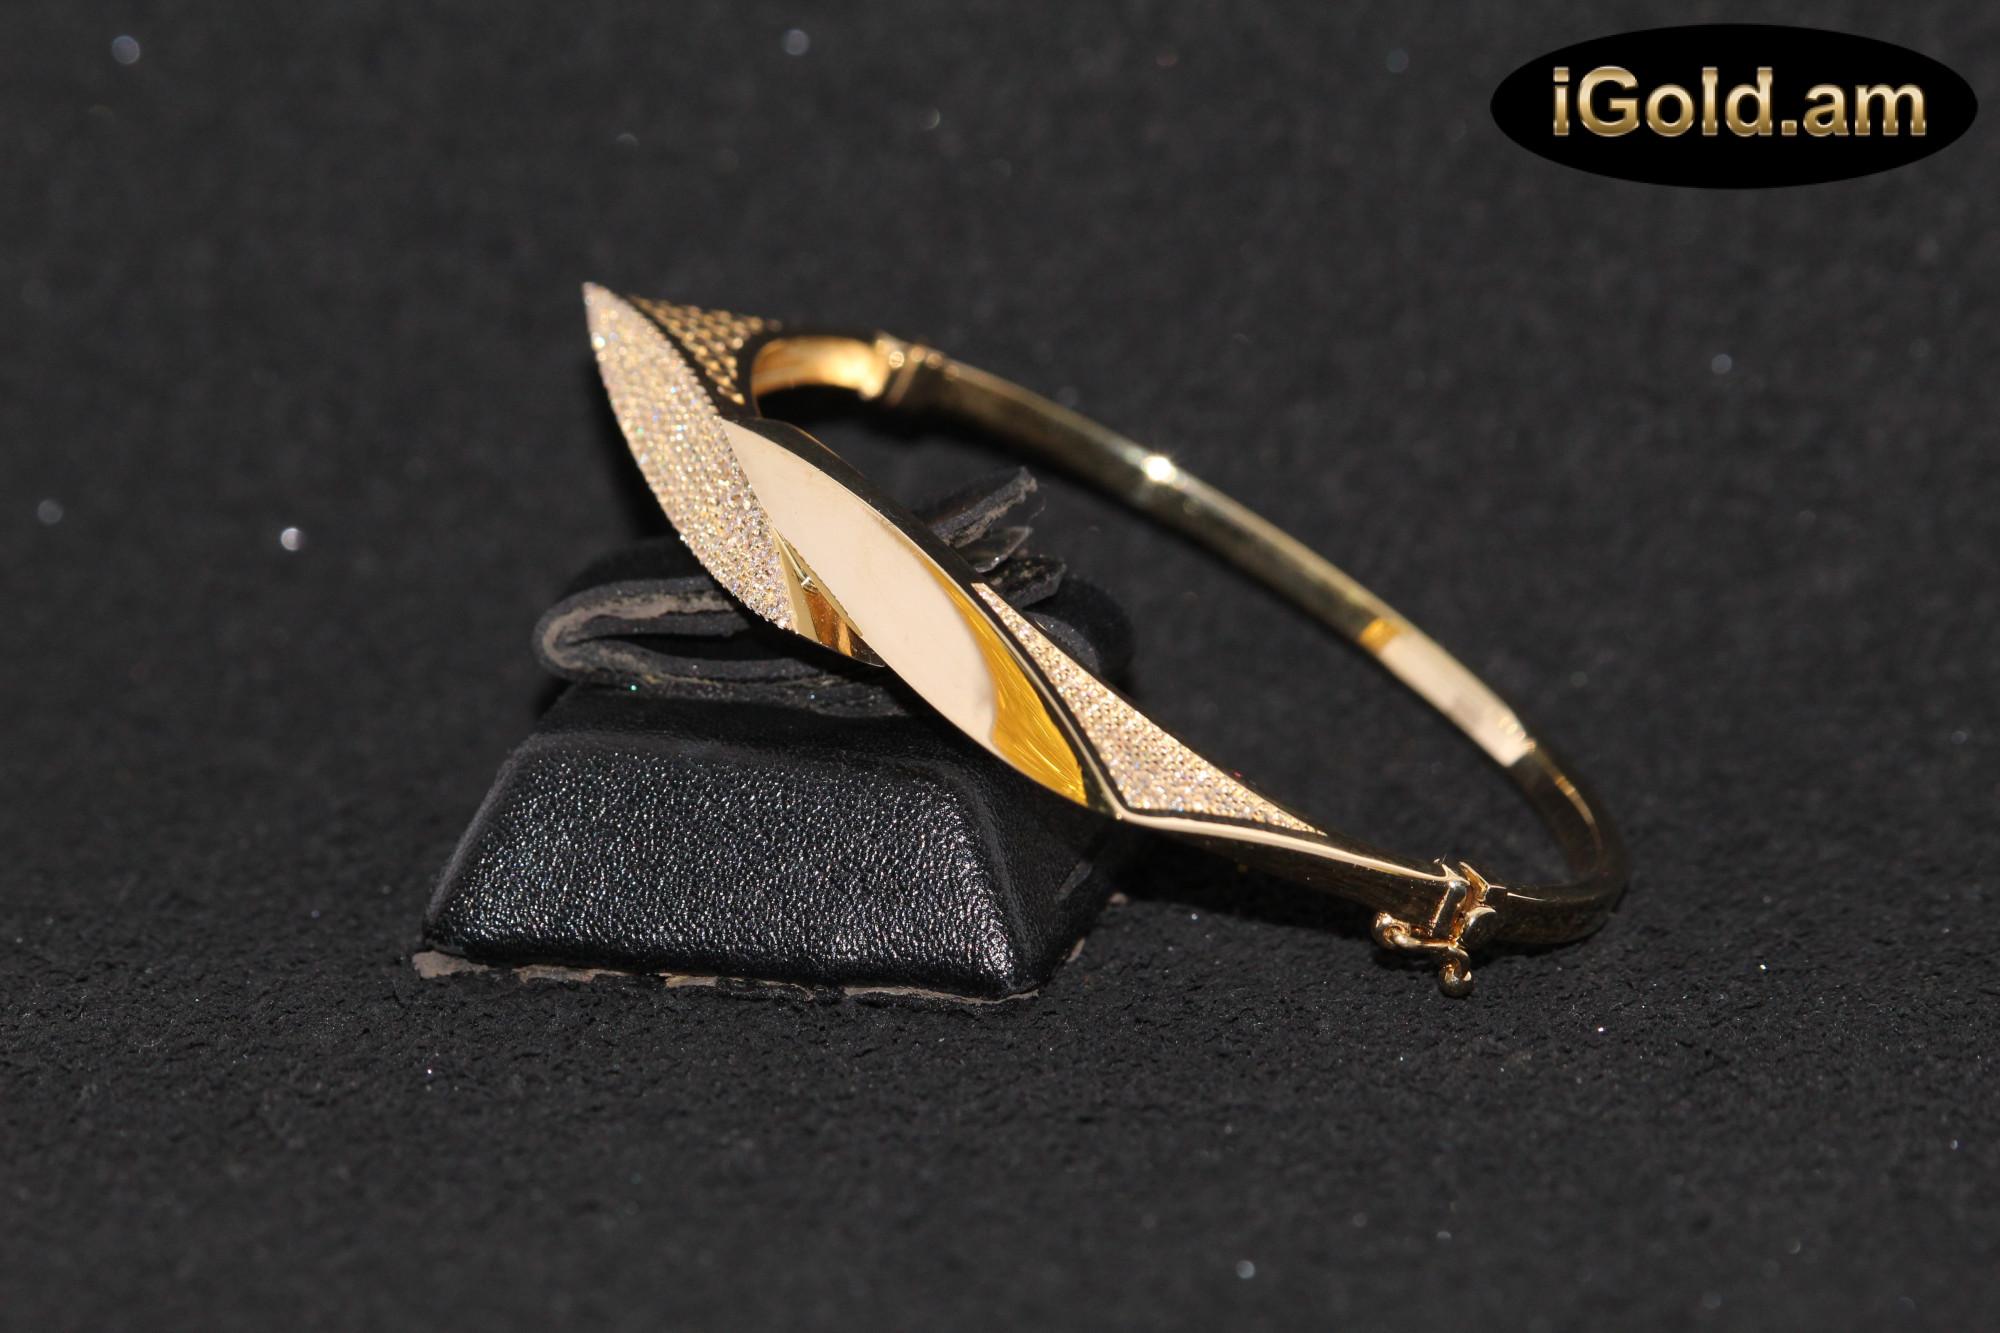 Ոսկյա կանացի թևնոց - 10.8 գր - կոդ 119-100 voskya kanaci tevnoc - 10.8 gr